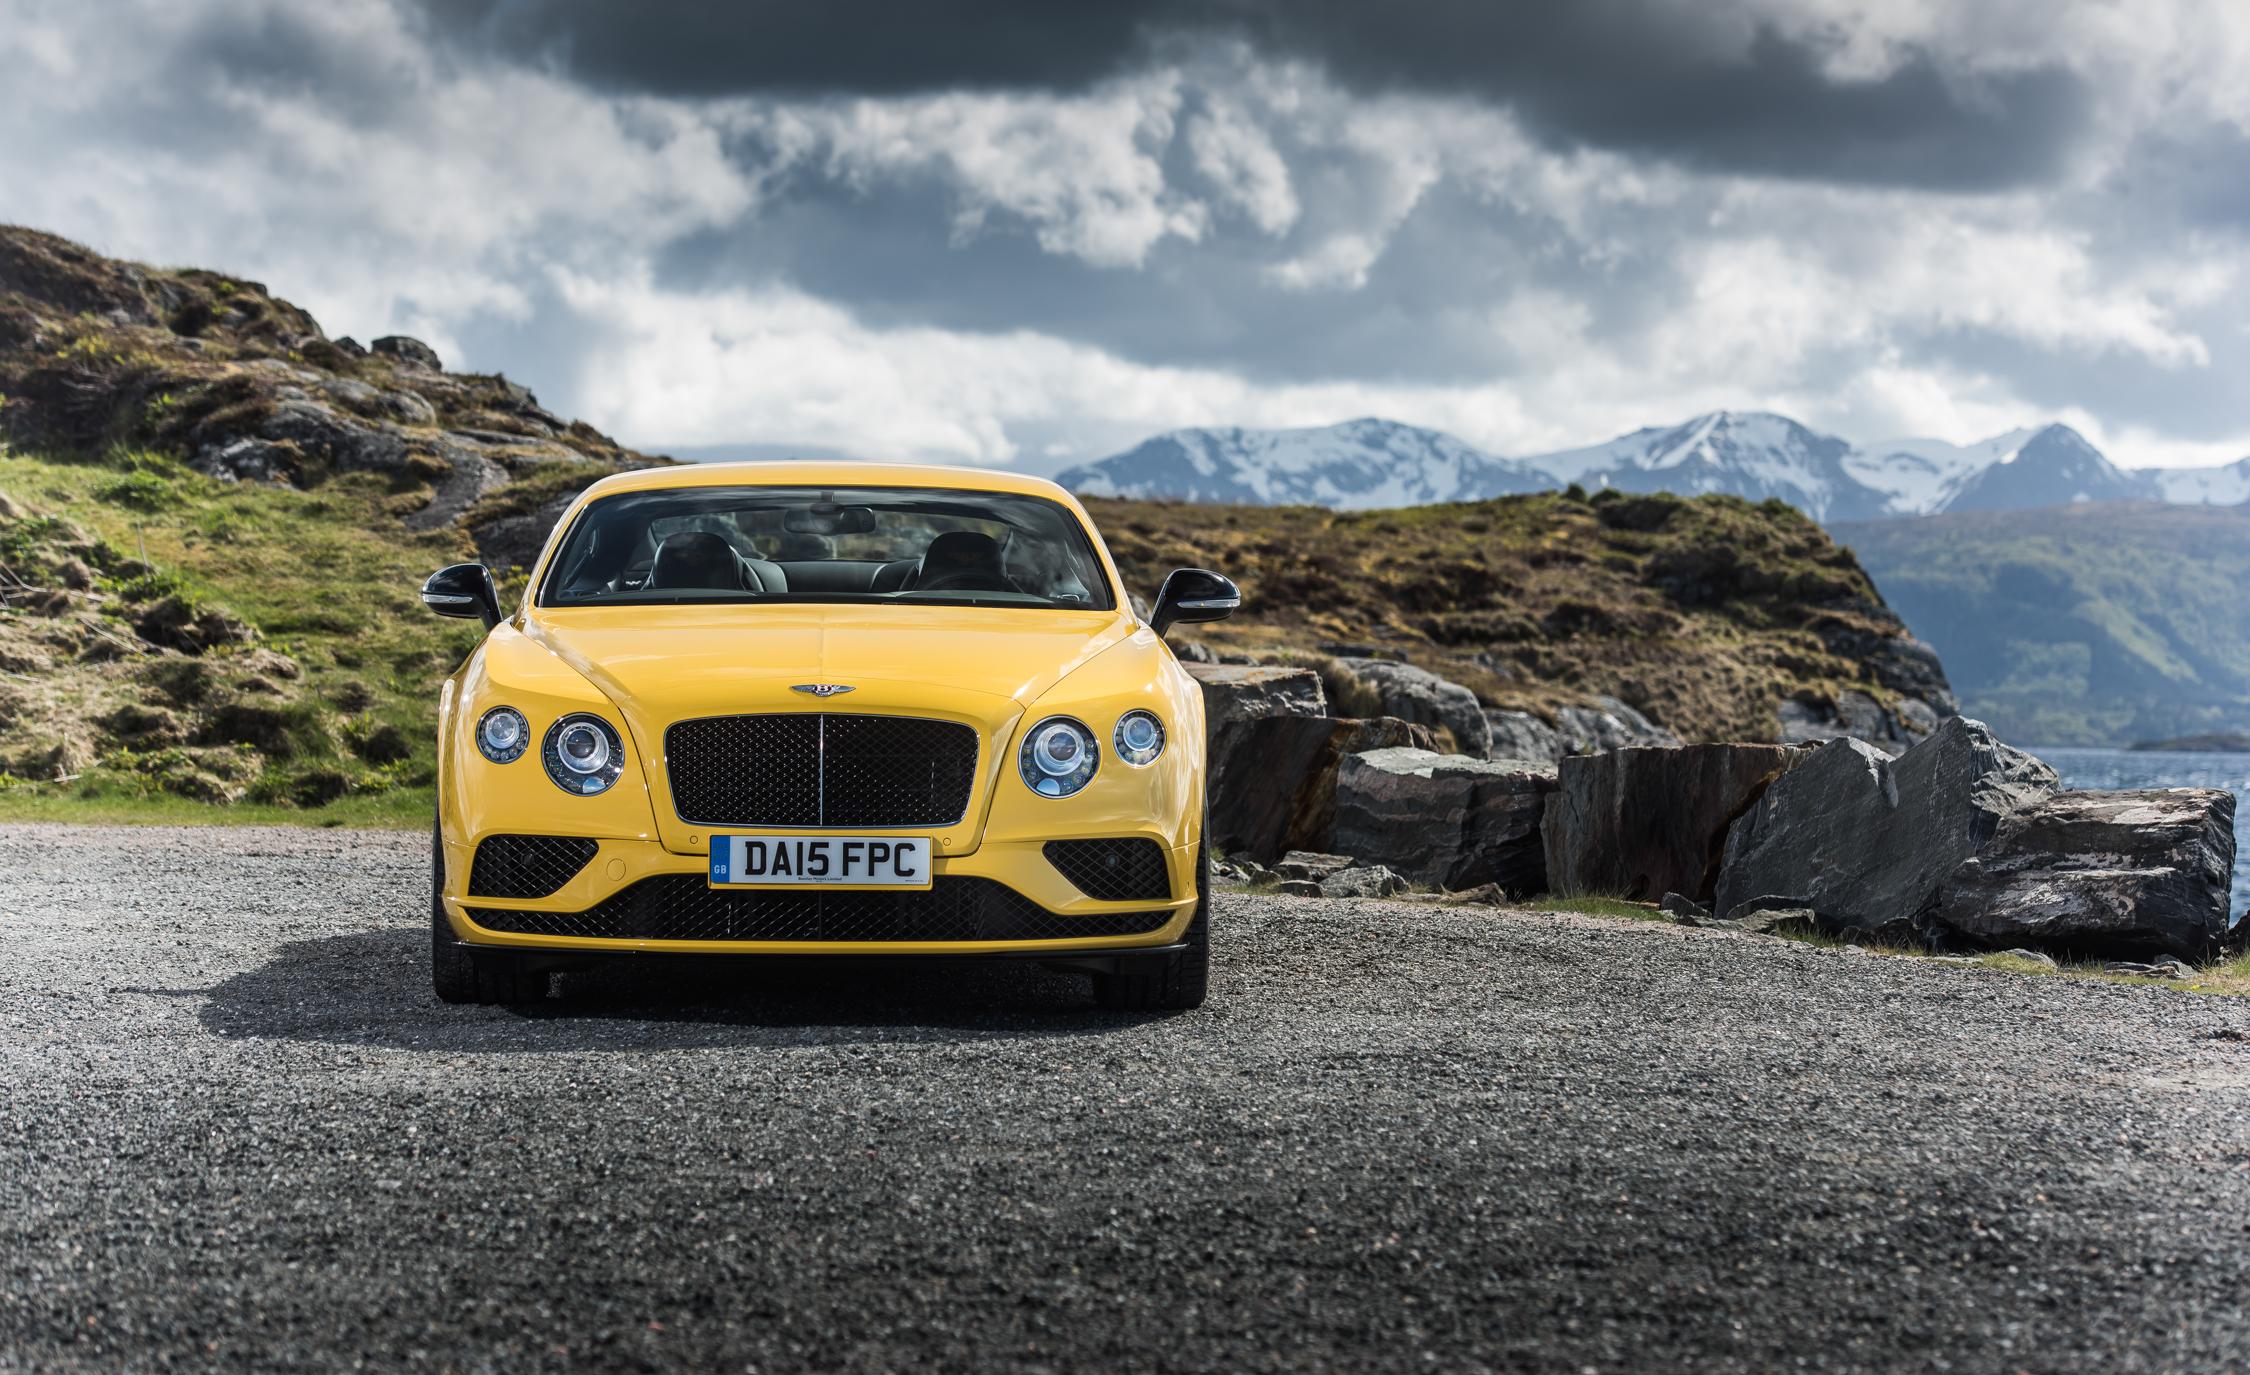 2016 Bentley Continental GT S Exterior Front